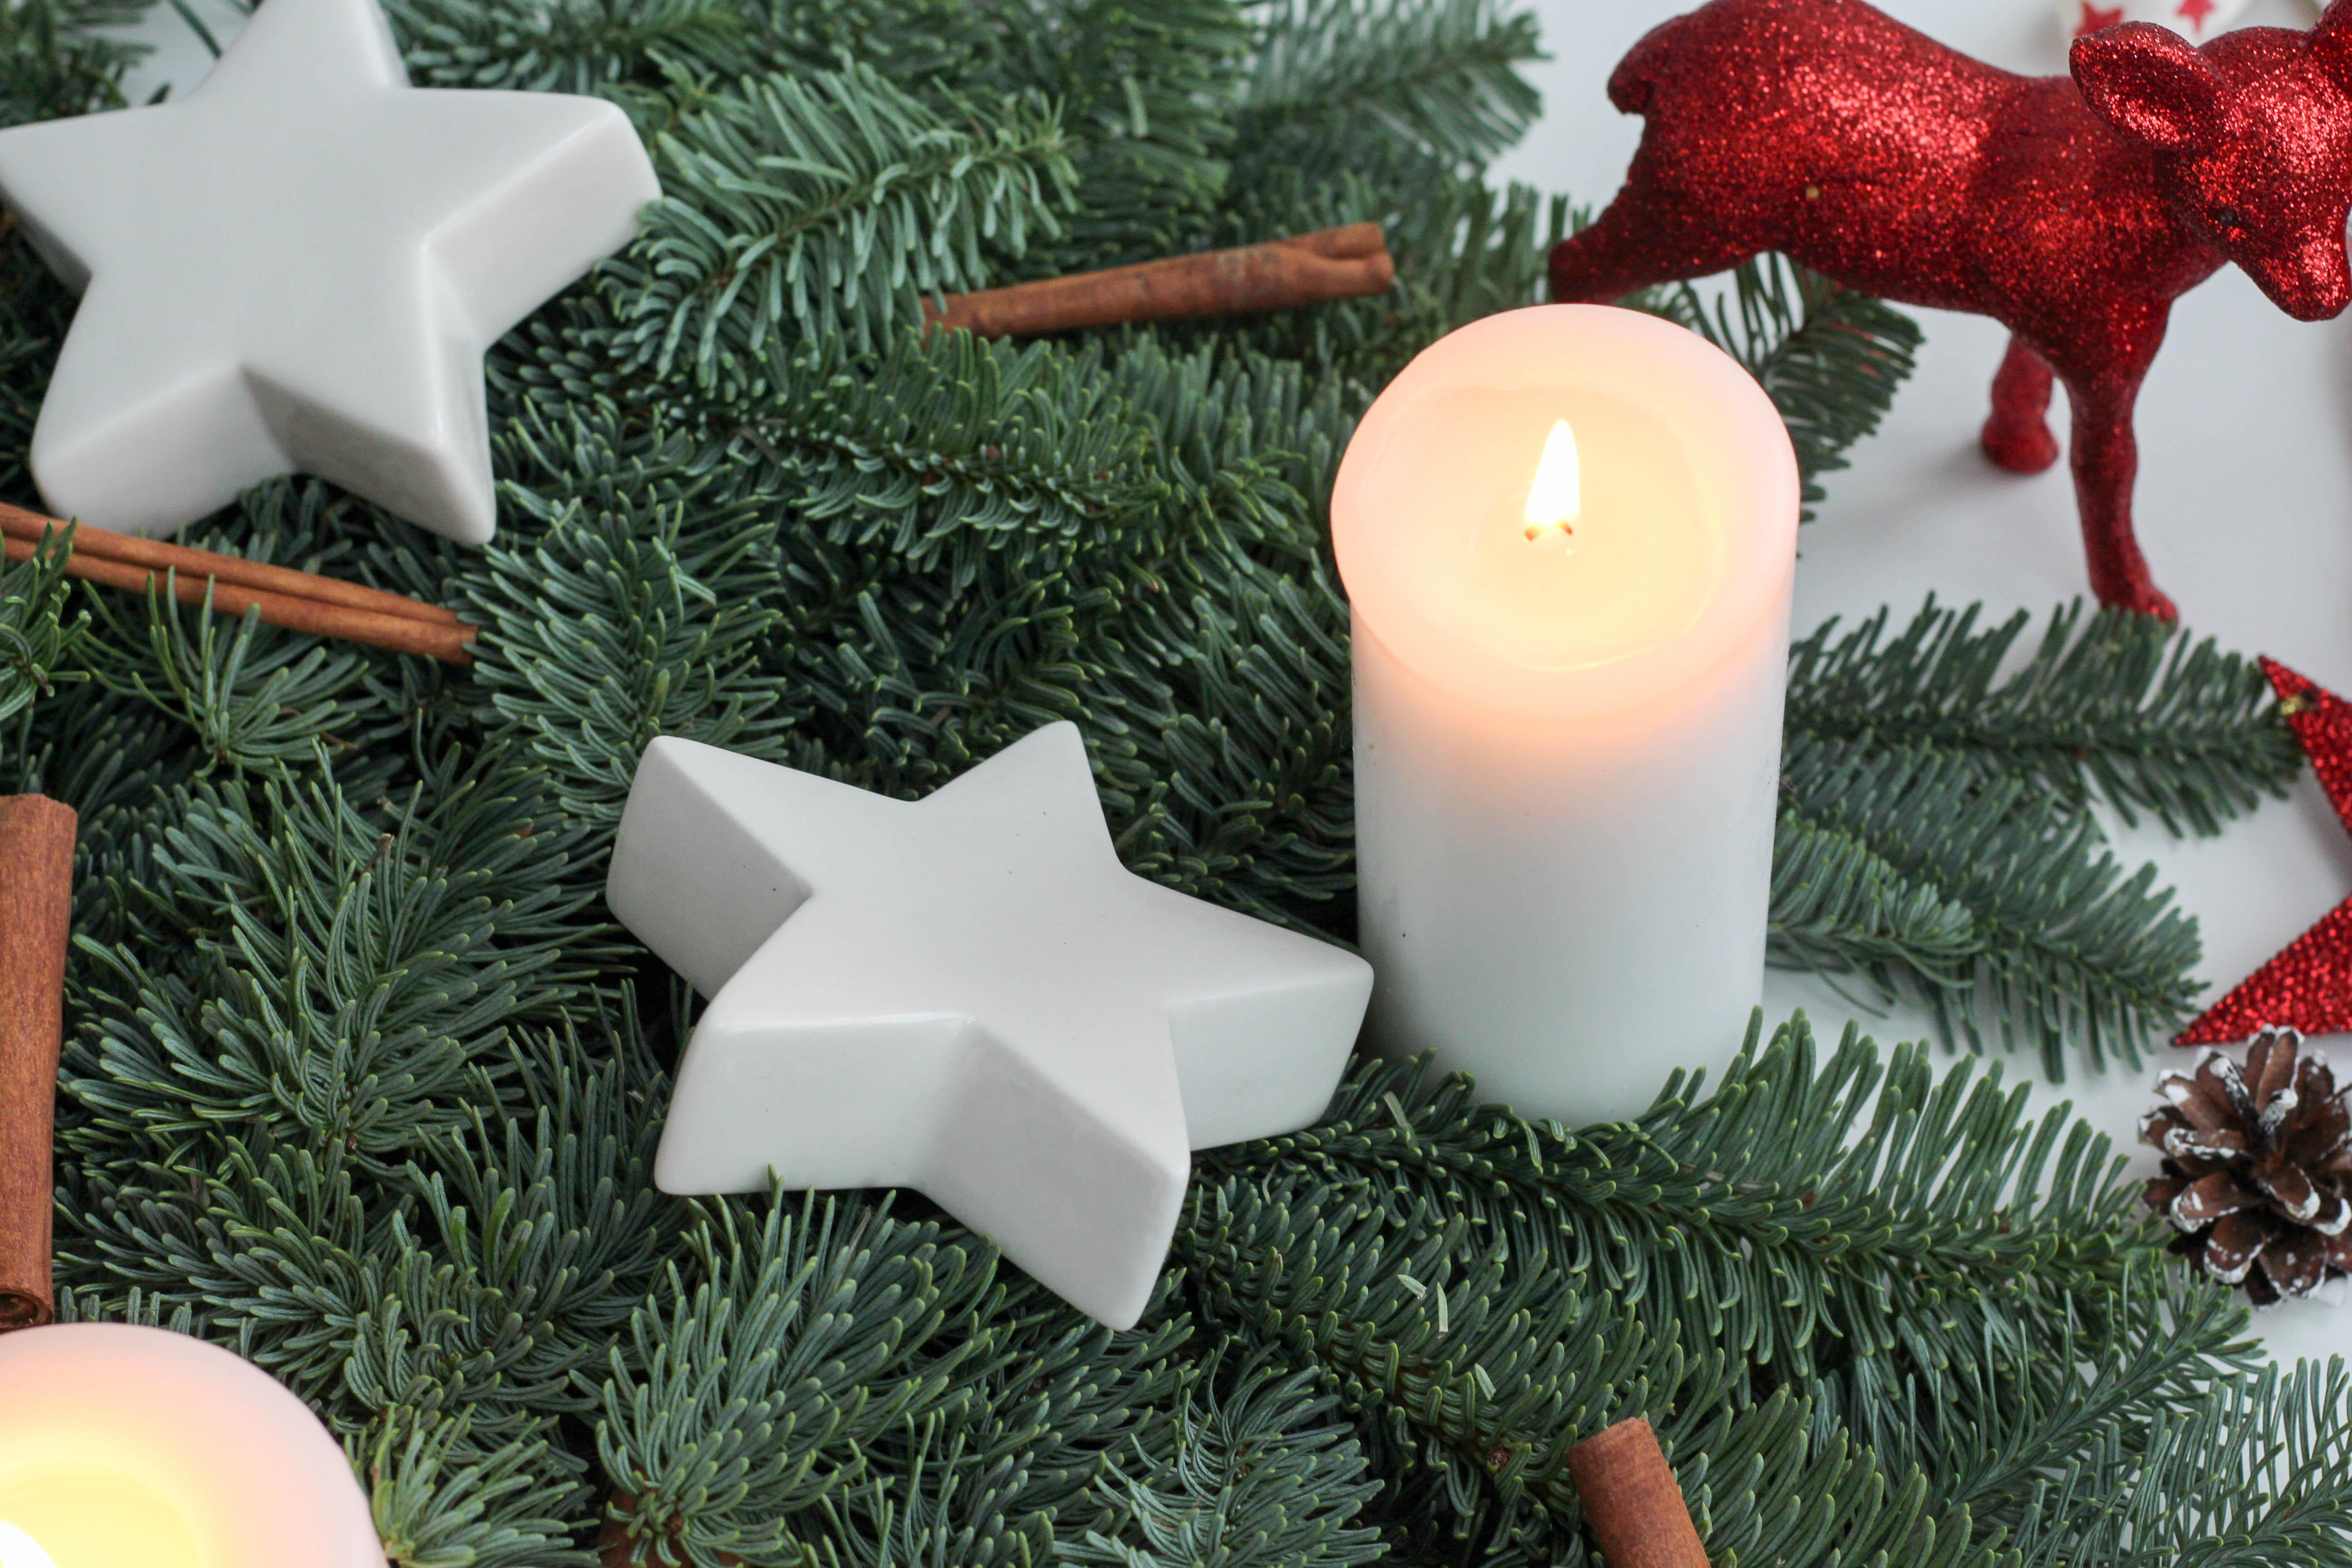 vegan-nikolaus-krampus-weihnachten-bratapfel-germteig-perchten-nuesse-christmas-soulfood-homespa-plantbased-12-von-35